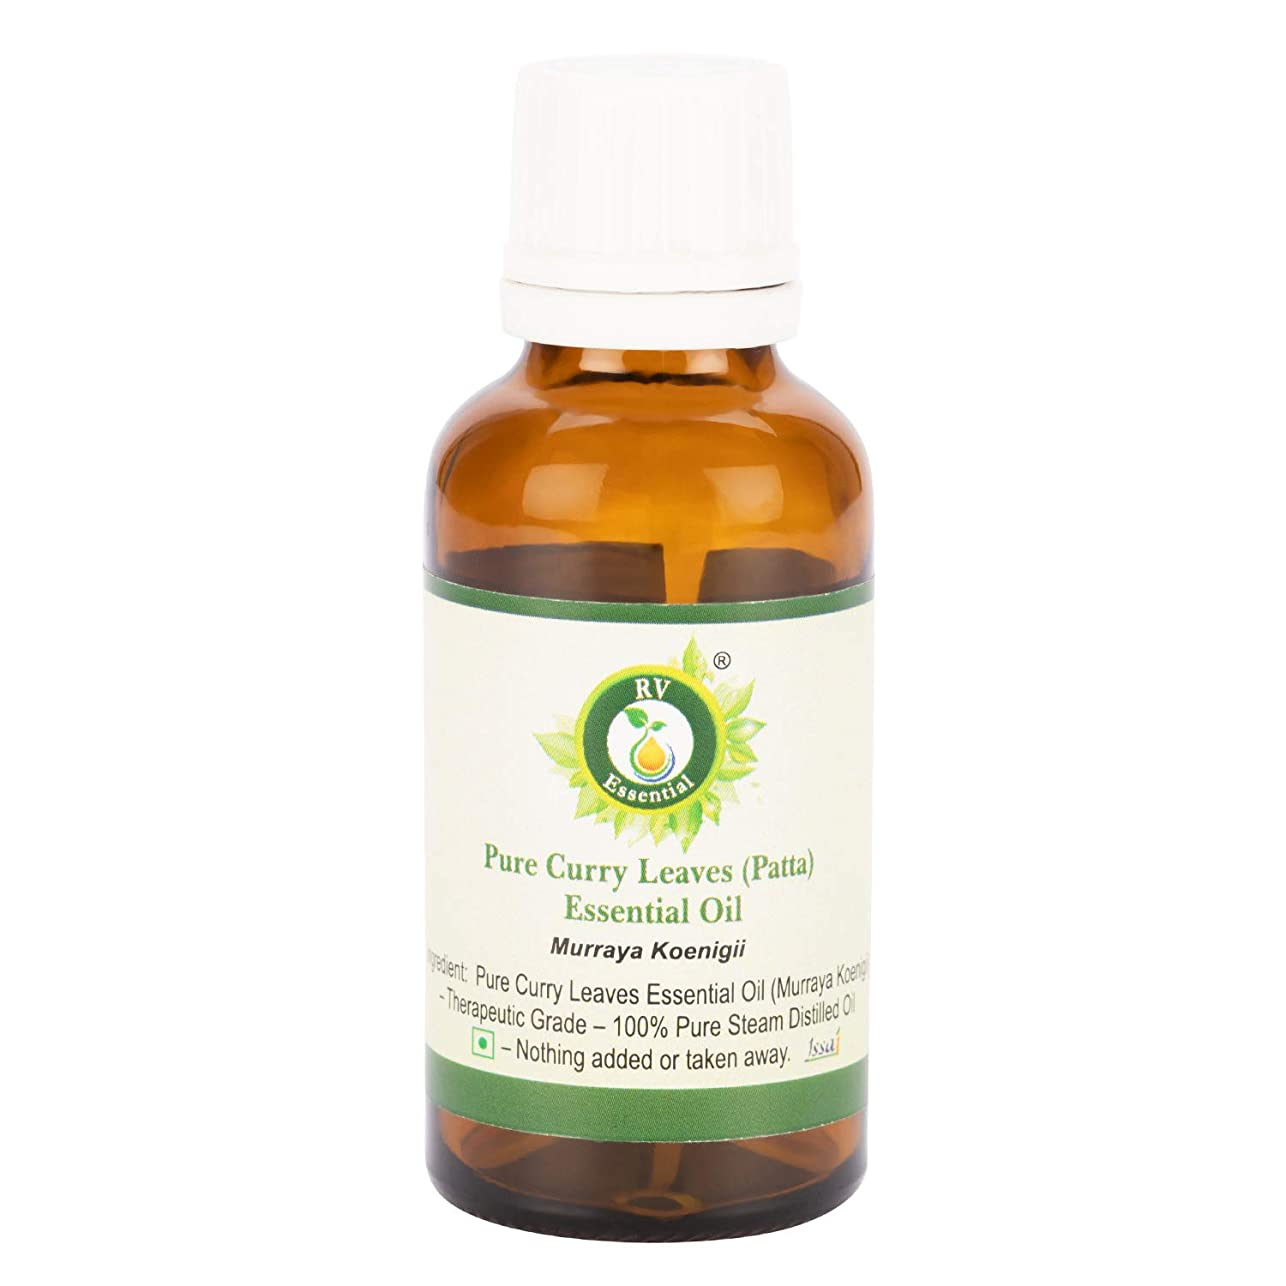 パット剛性生き物純粋なカレーの葉(Patta)エッセンシャルオイル50ml (1.69oz)- Murraya Koenigii (100%純粋&天然スチームDistilled) ?Pure Curry Leaves (Patta) Essential Oil